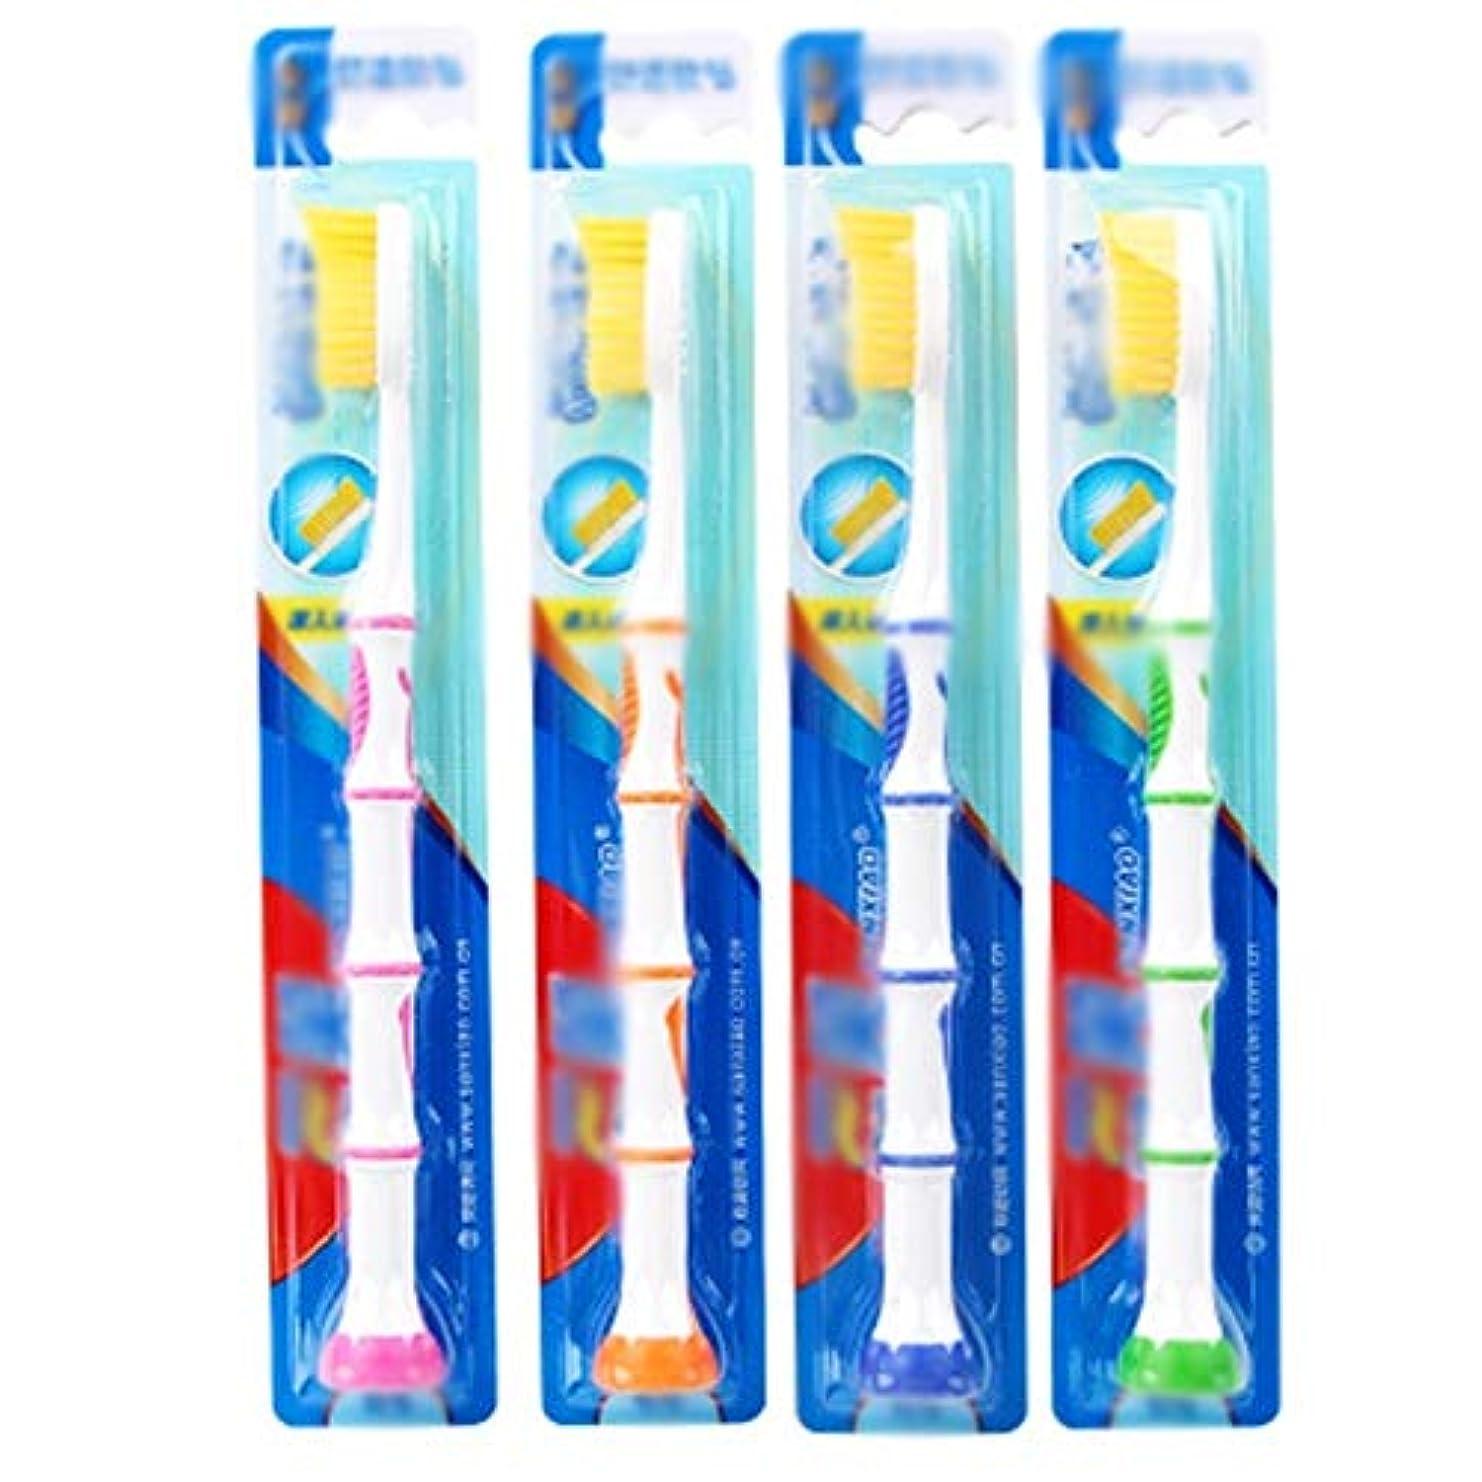 腐敗マオリミネラル歯ブラシ 30パック歯ブラシ、家族バルク大人歯ブラシ、旅行歯ブラシ、オーラルケア - 使用可能なスタイルの5種類 HL (色 : B, サイズ : 30 packs)